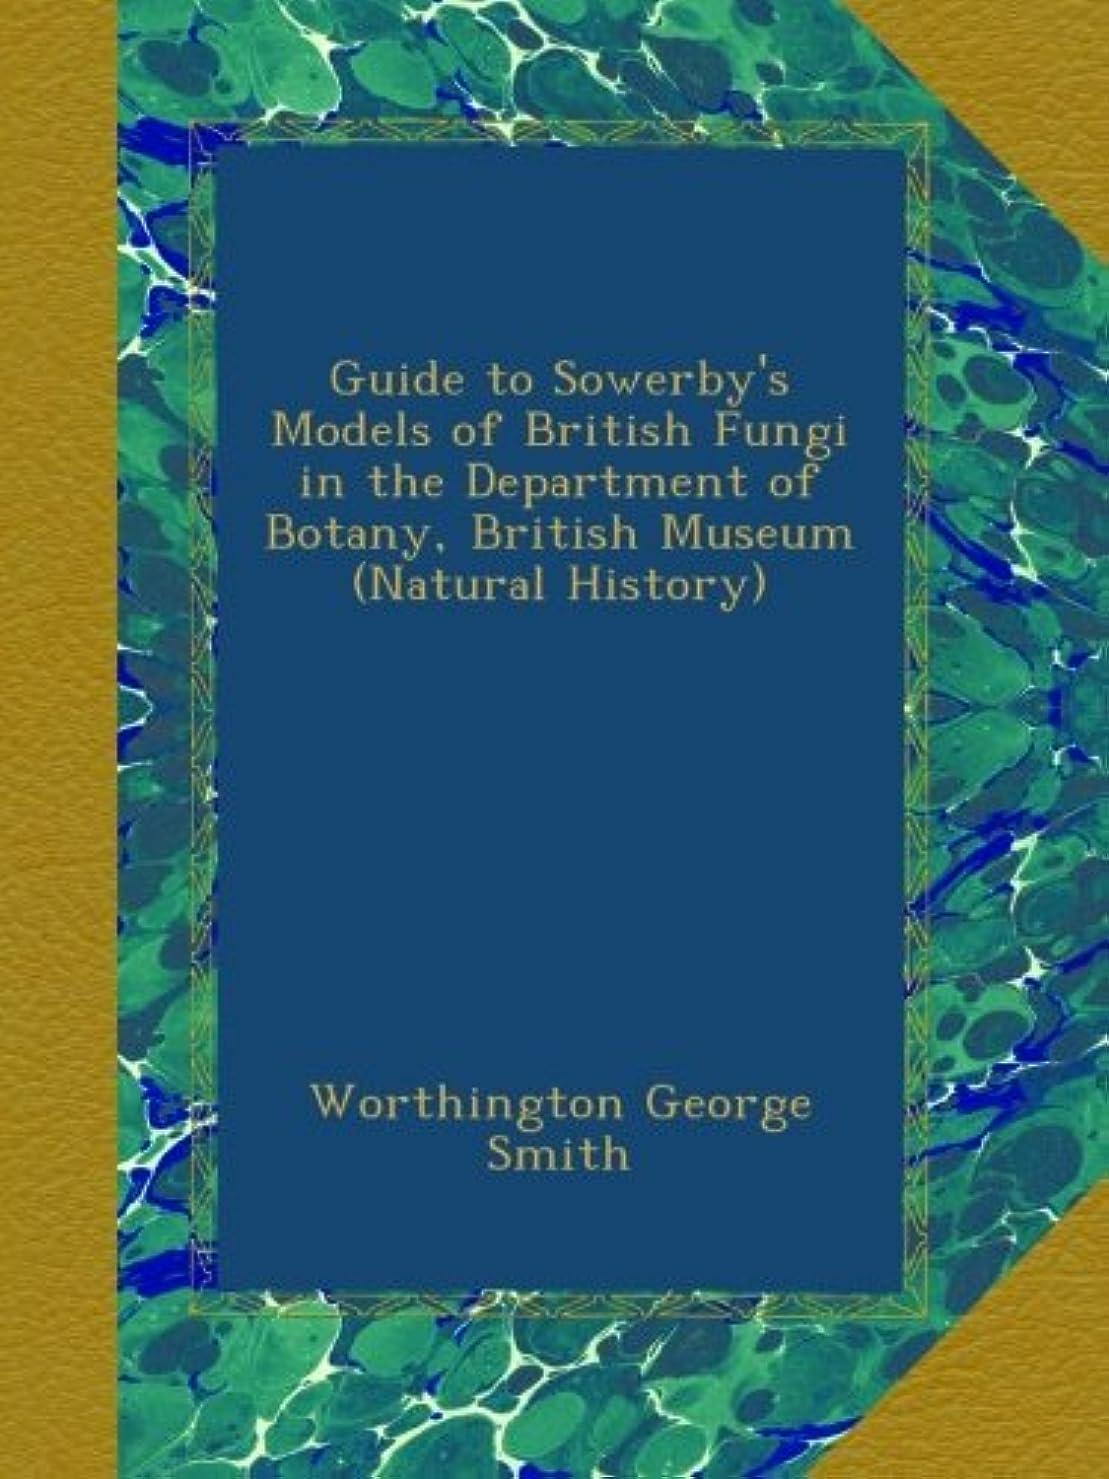 回転路面電車鹿Guide to Sowerby's Models of British Fungi in the Department of Botany, British Museum (Natural History)